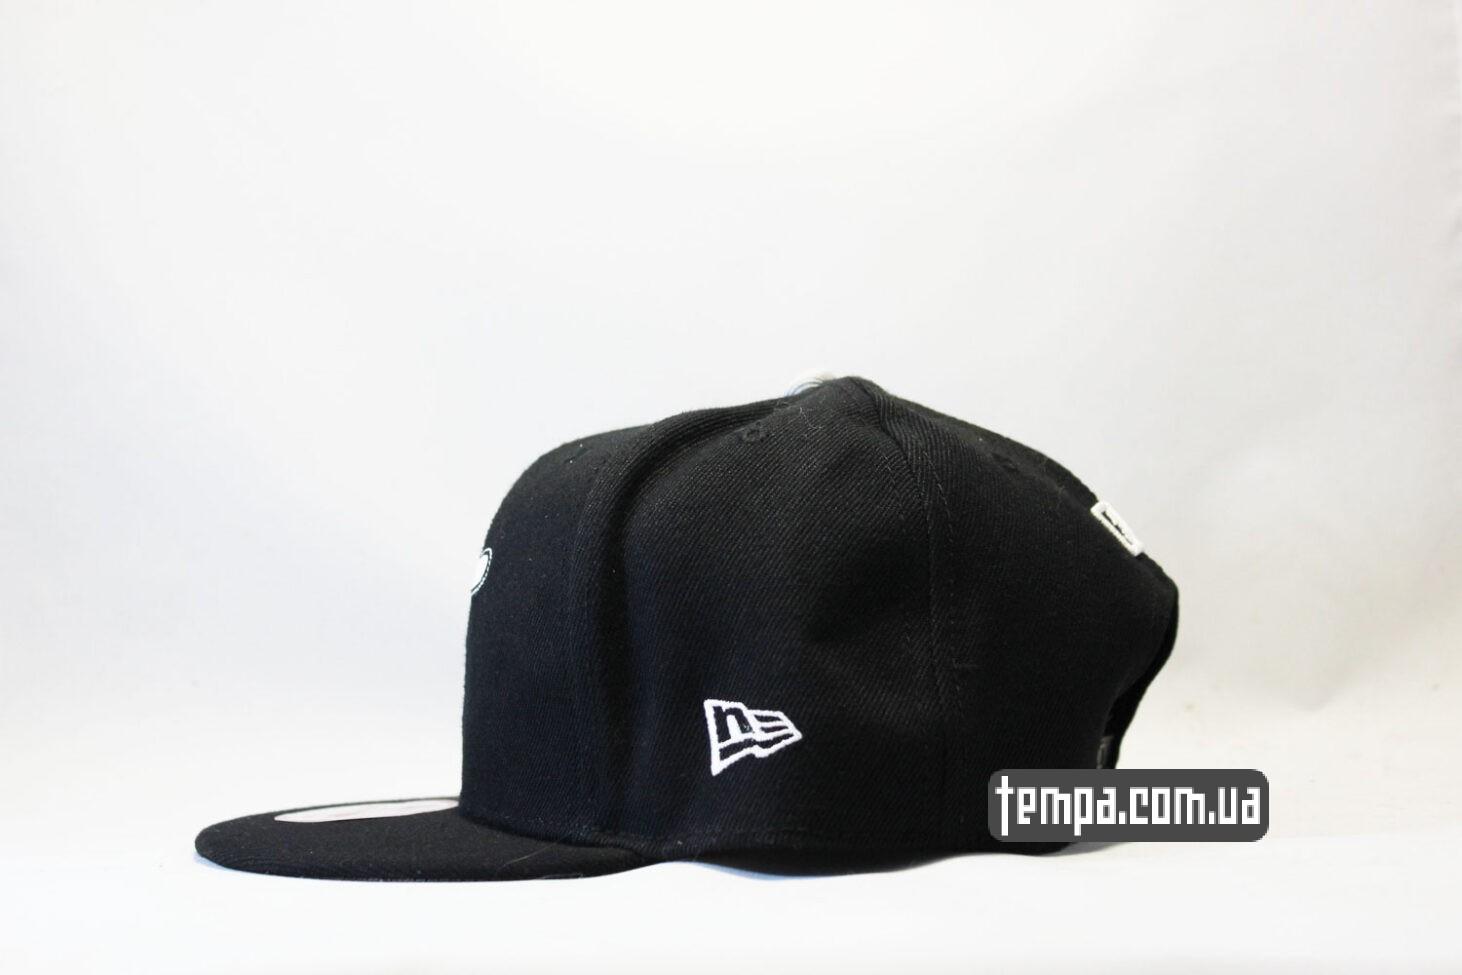 new era cap купить с бейсбольным мячем снепбек